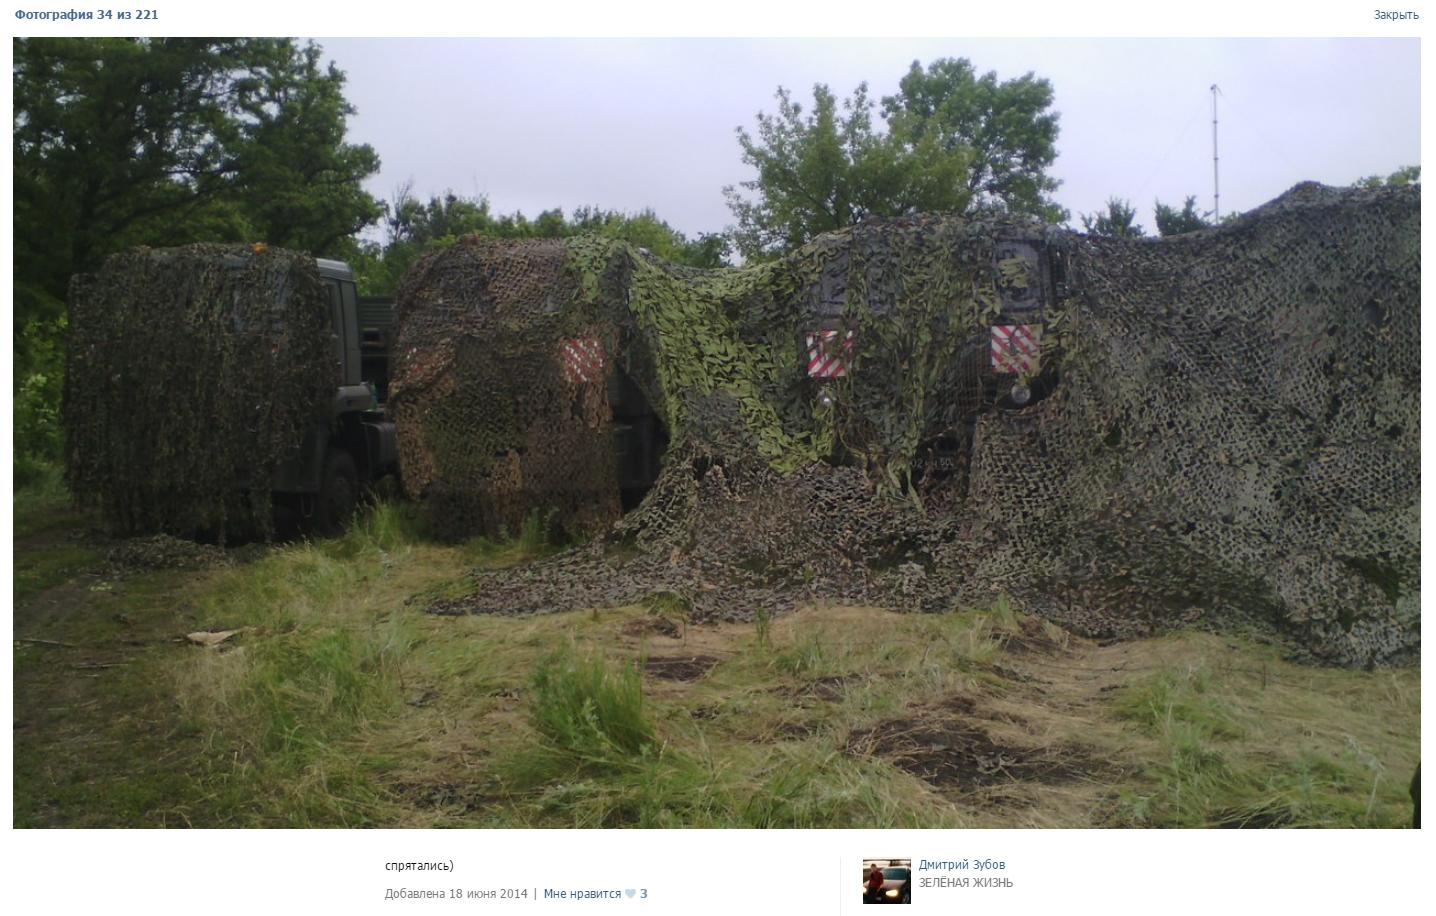 Украинские воины не покинут Широкино, пока террористы не прекратят обстрелы, - спикер АТО - Цензор.НЕТ 5558